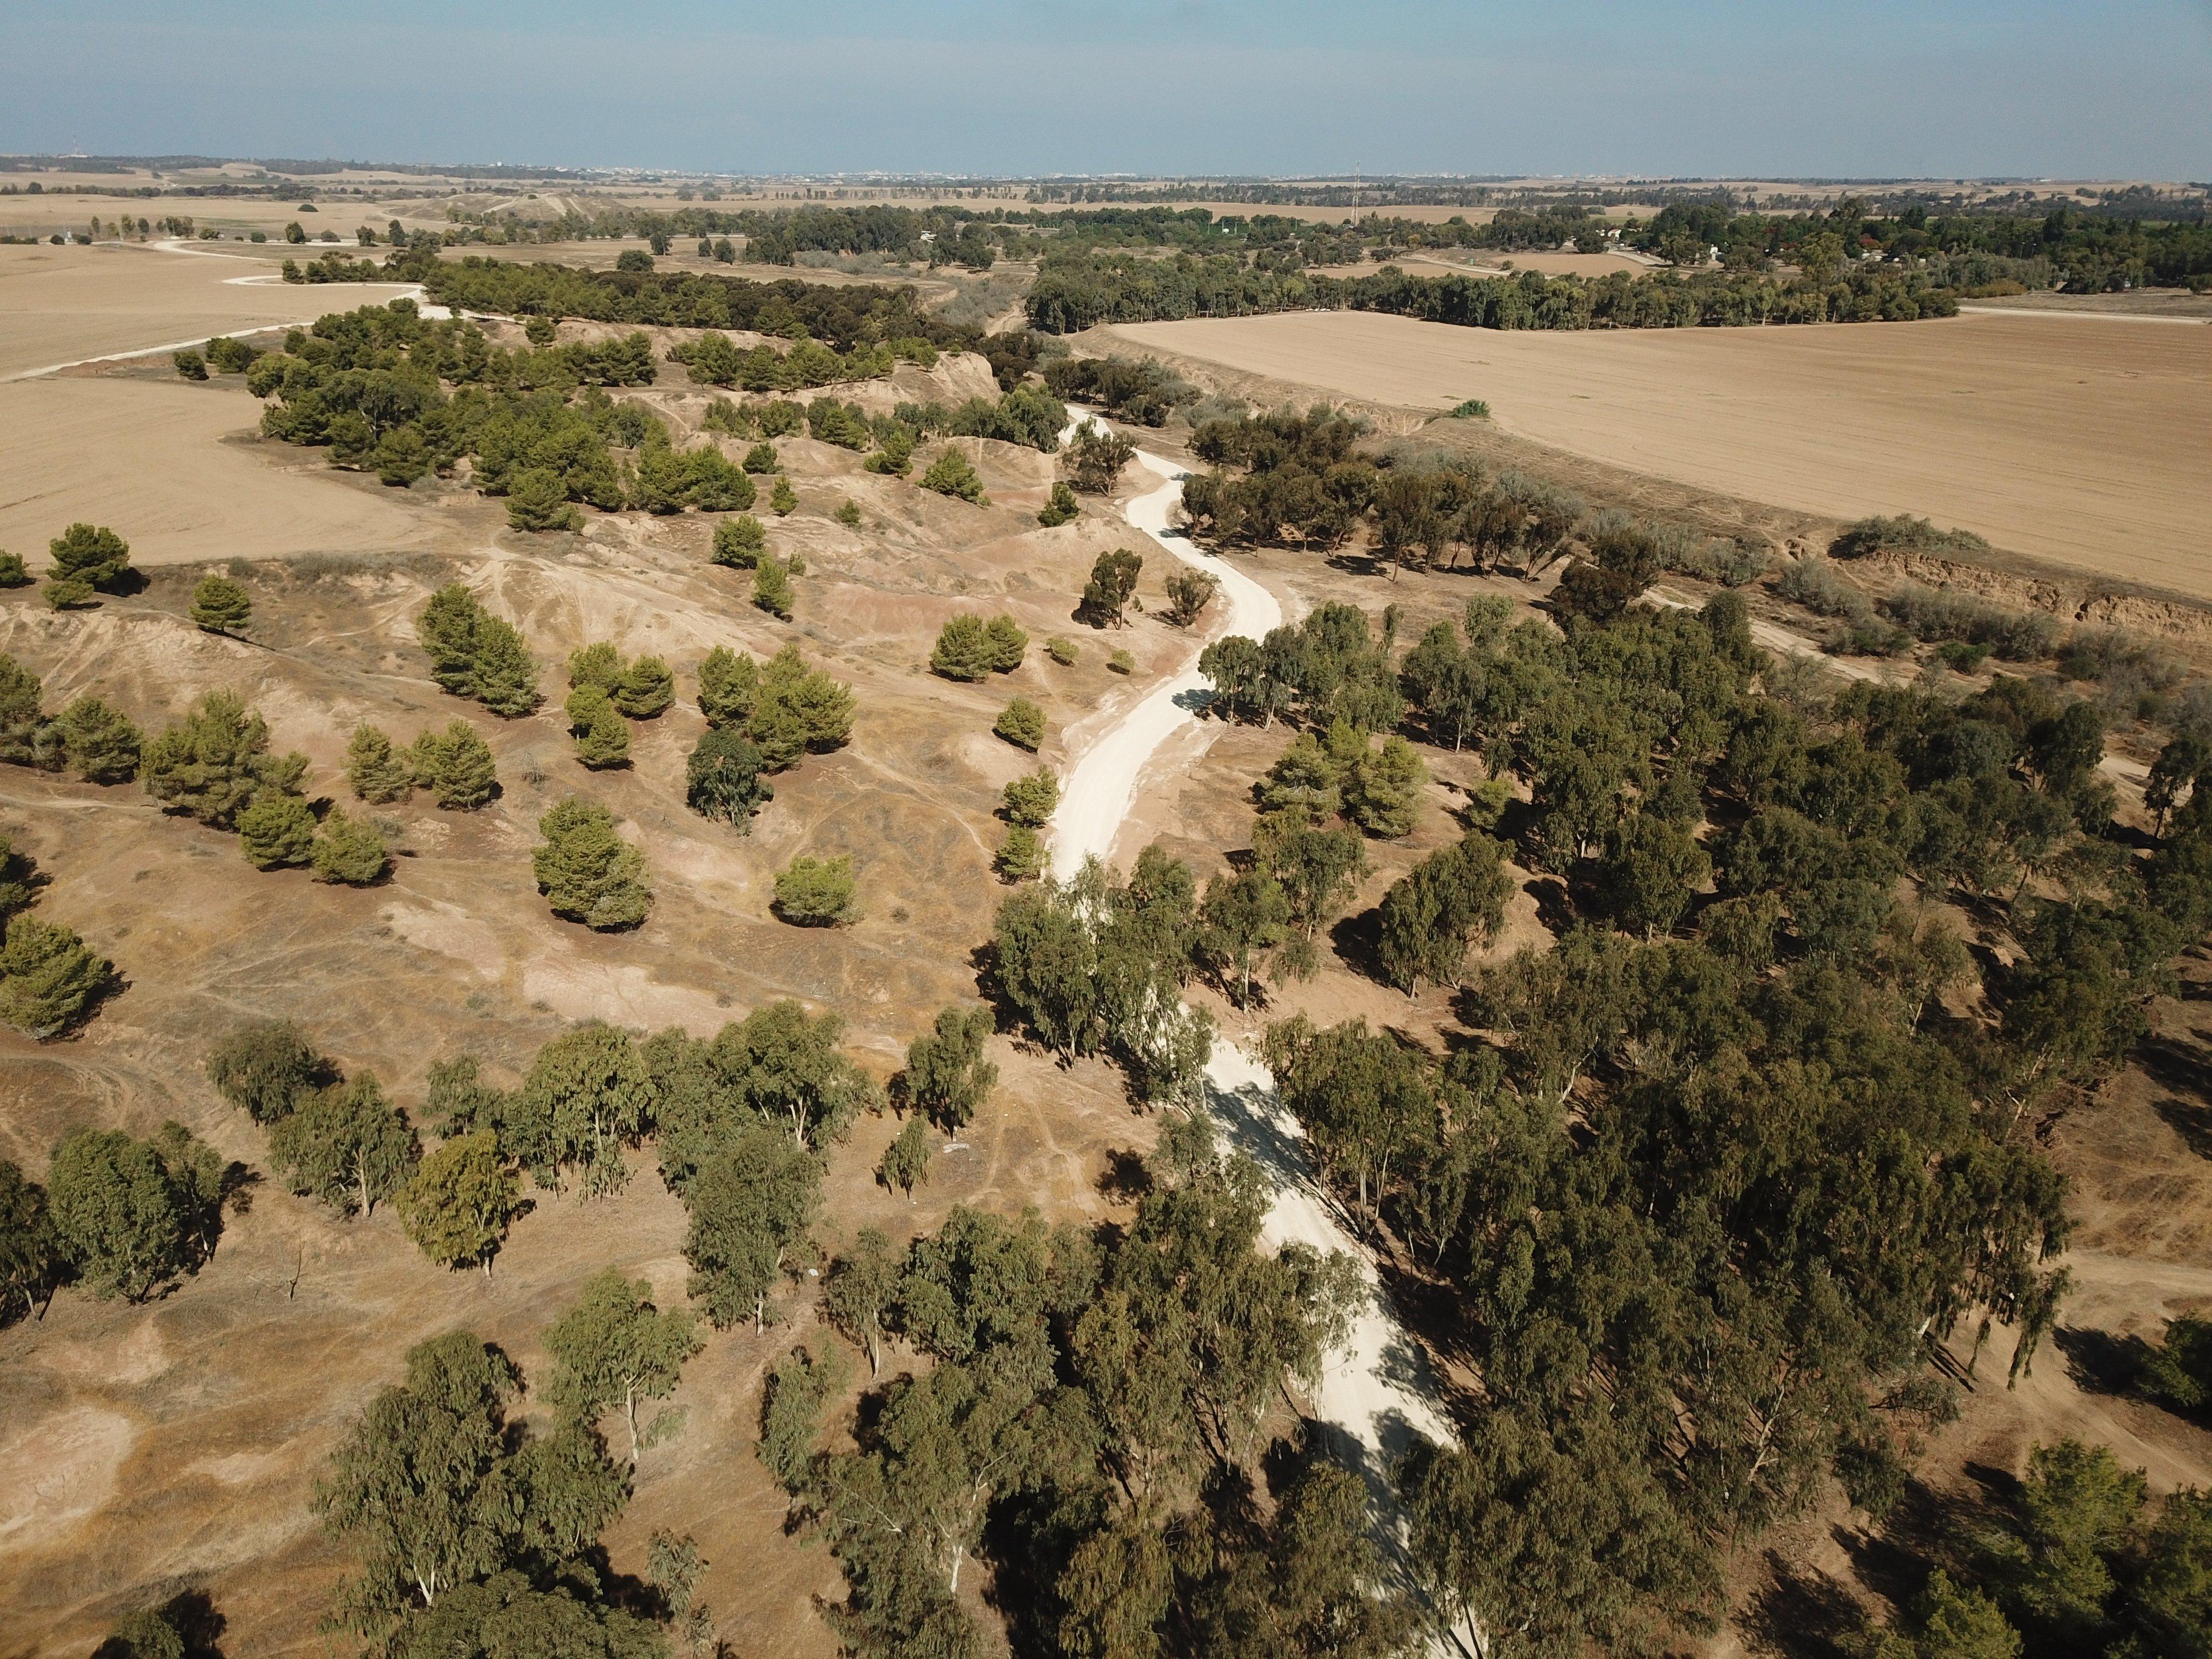 דרך הבשור התיכונה: מקטע פארק אשכול – תל ג'מה